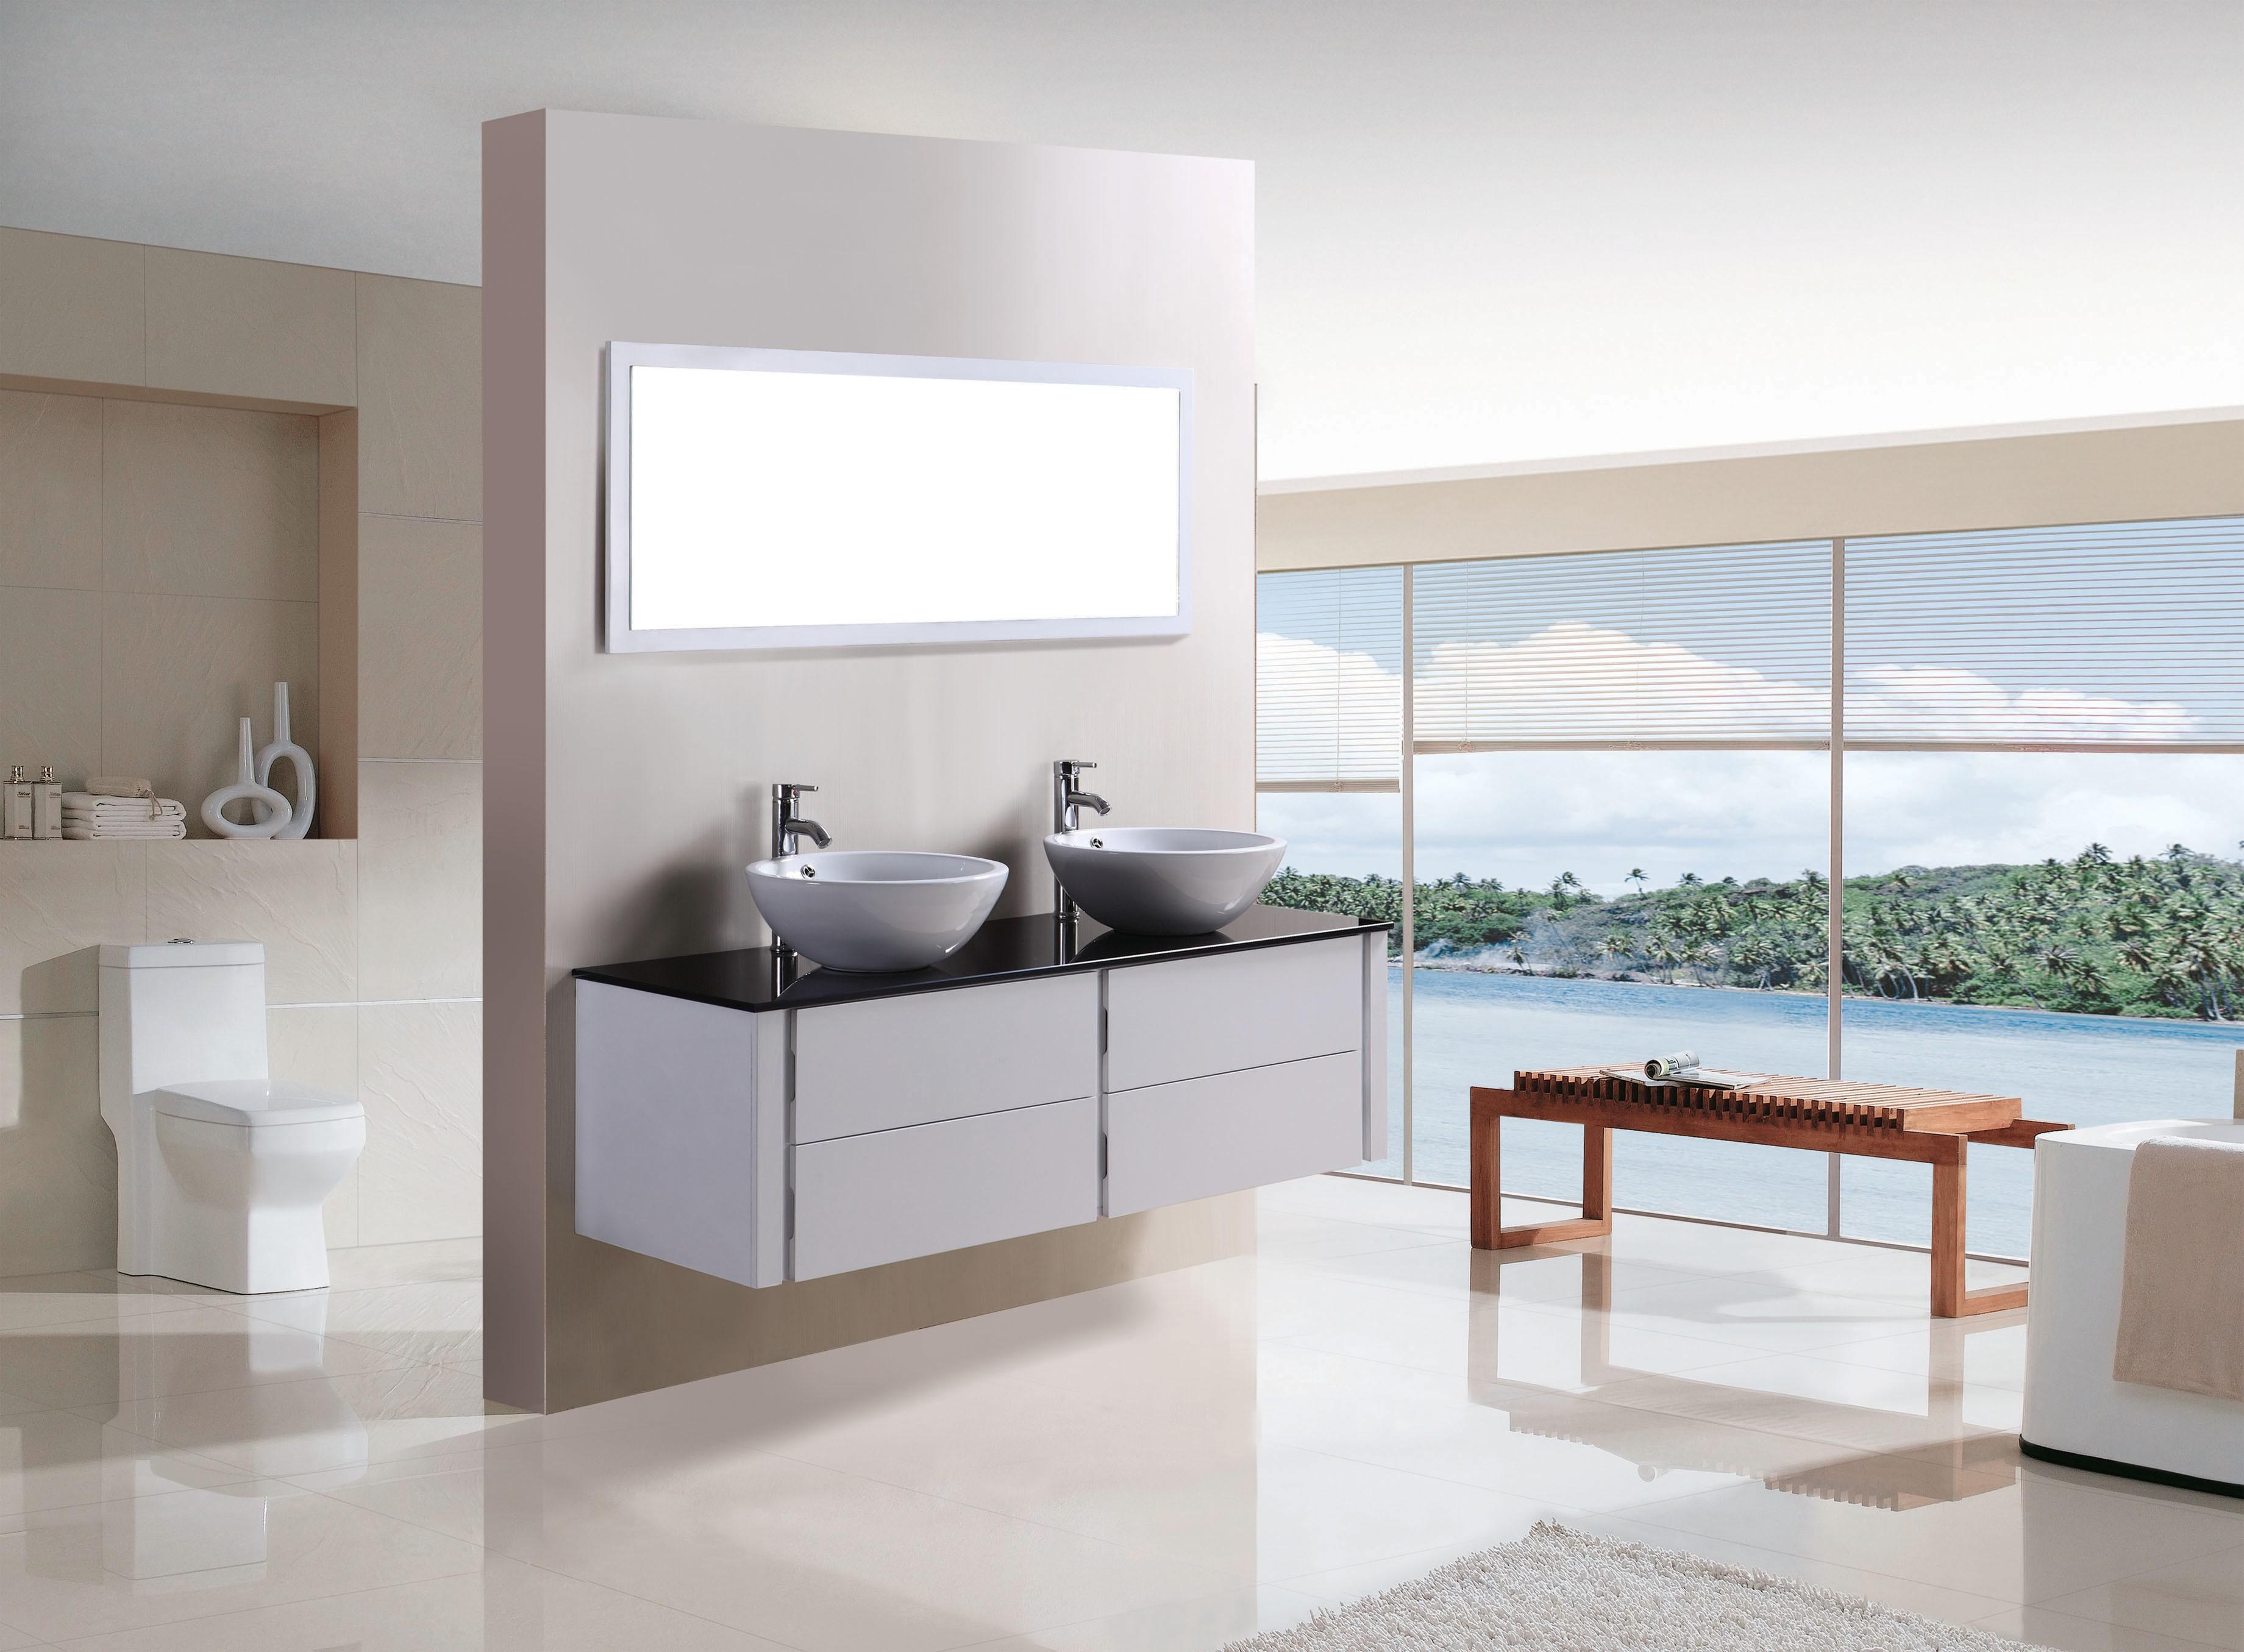 badkamer inspiratie voor een luxe uitstraling